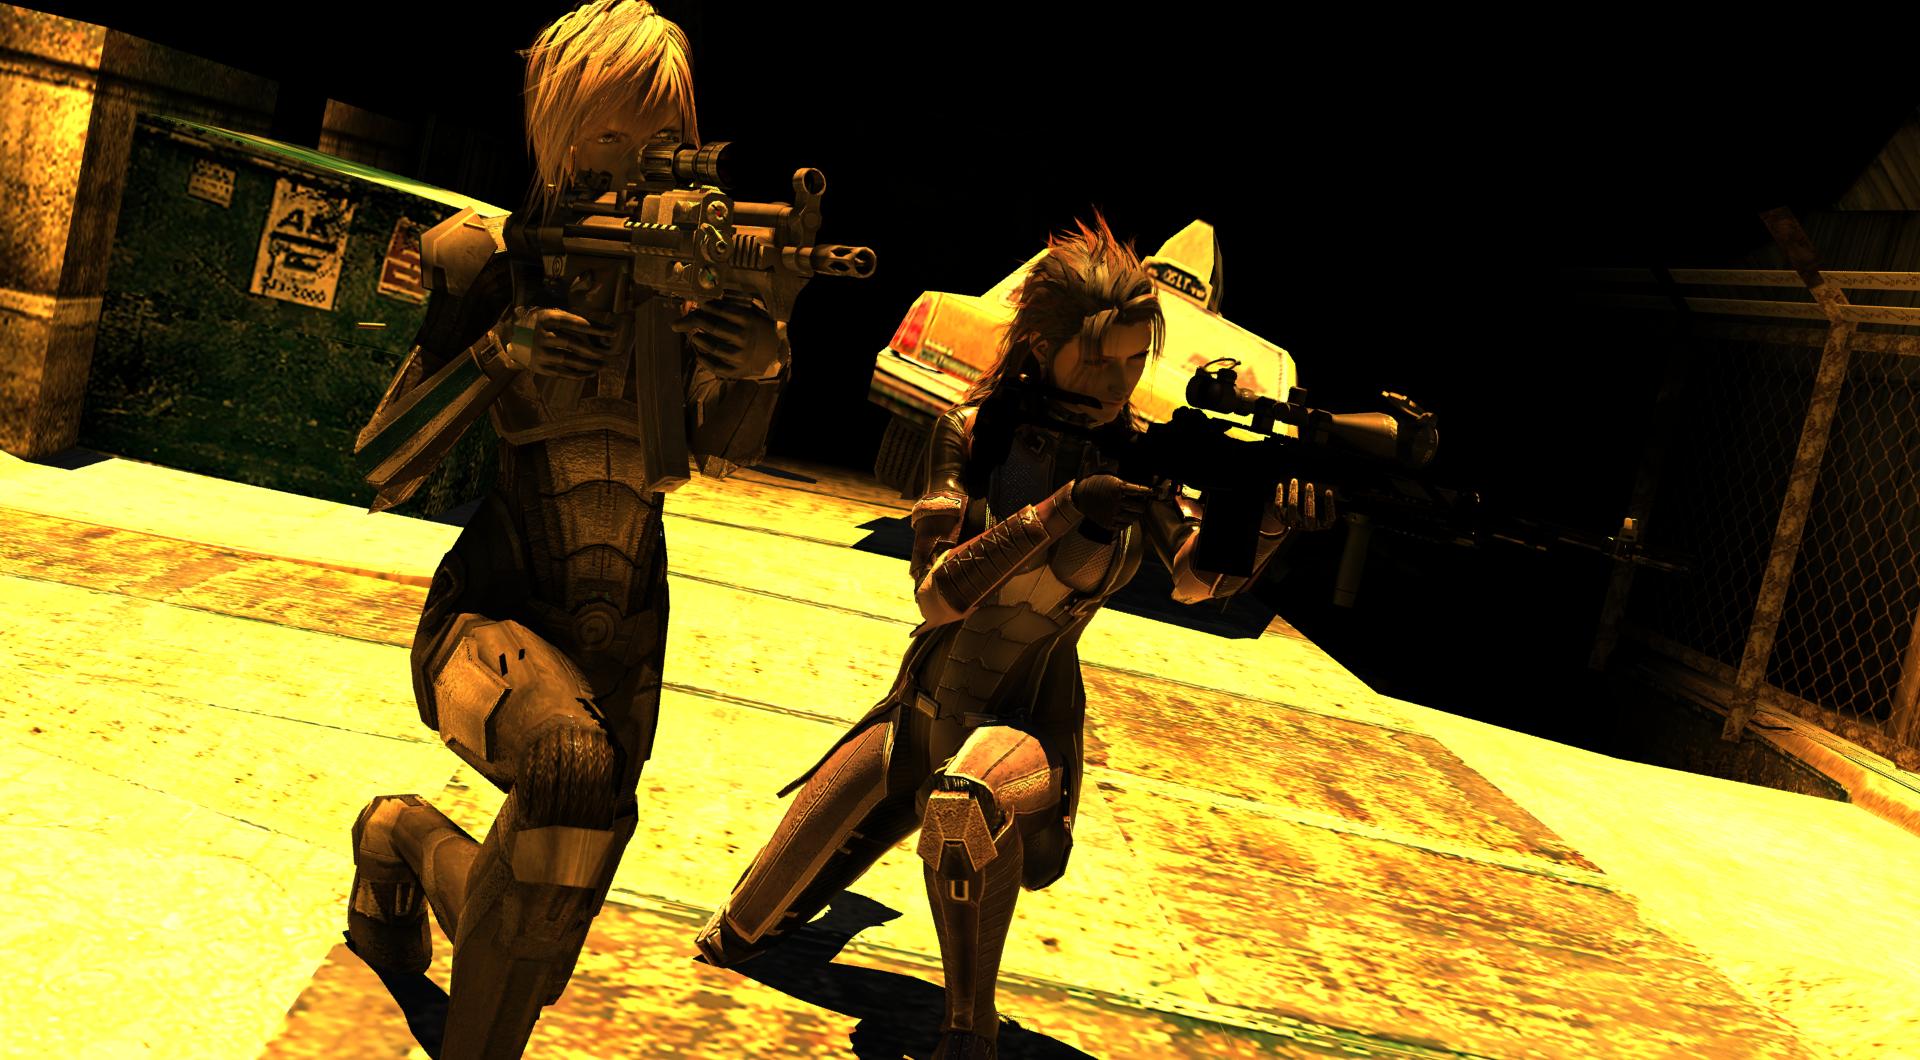 Heroines of Mass Destruction by GSchreiber